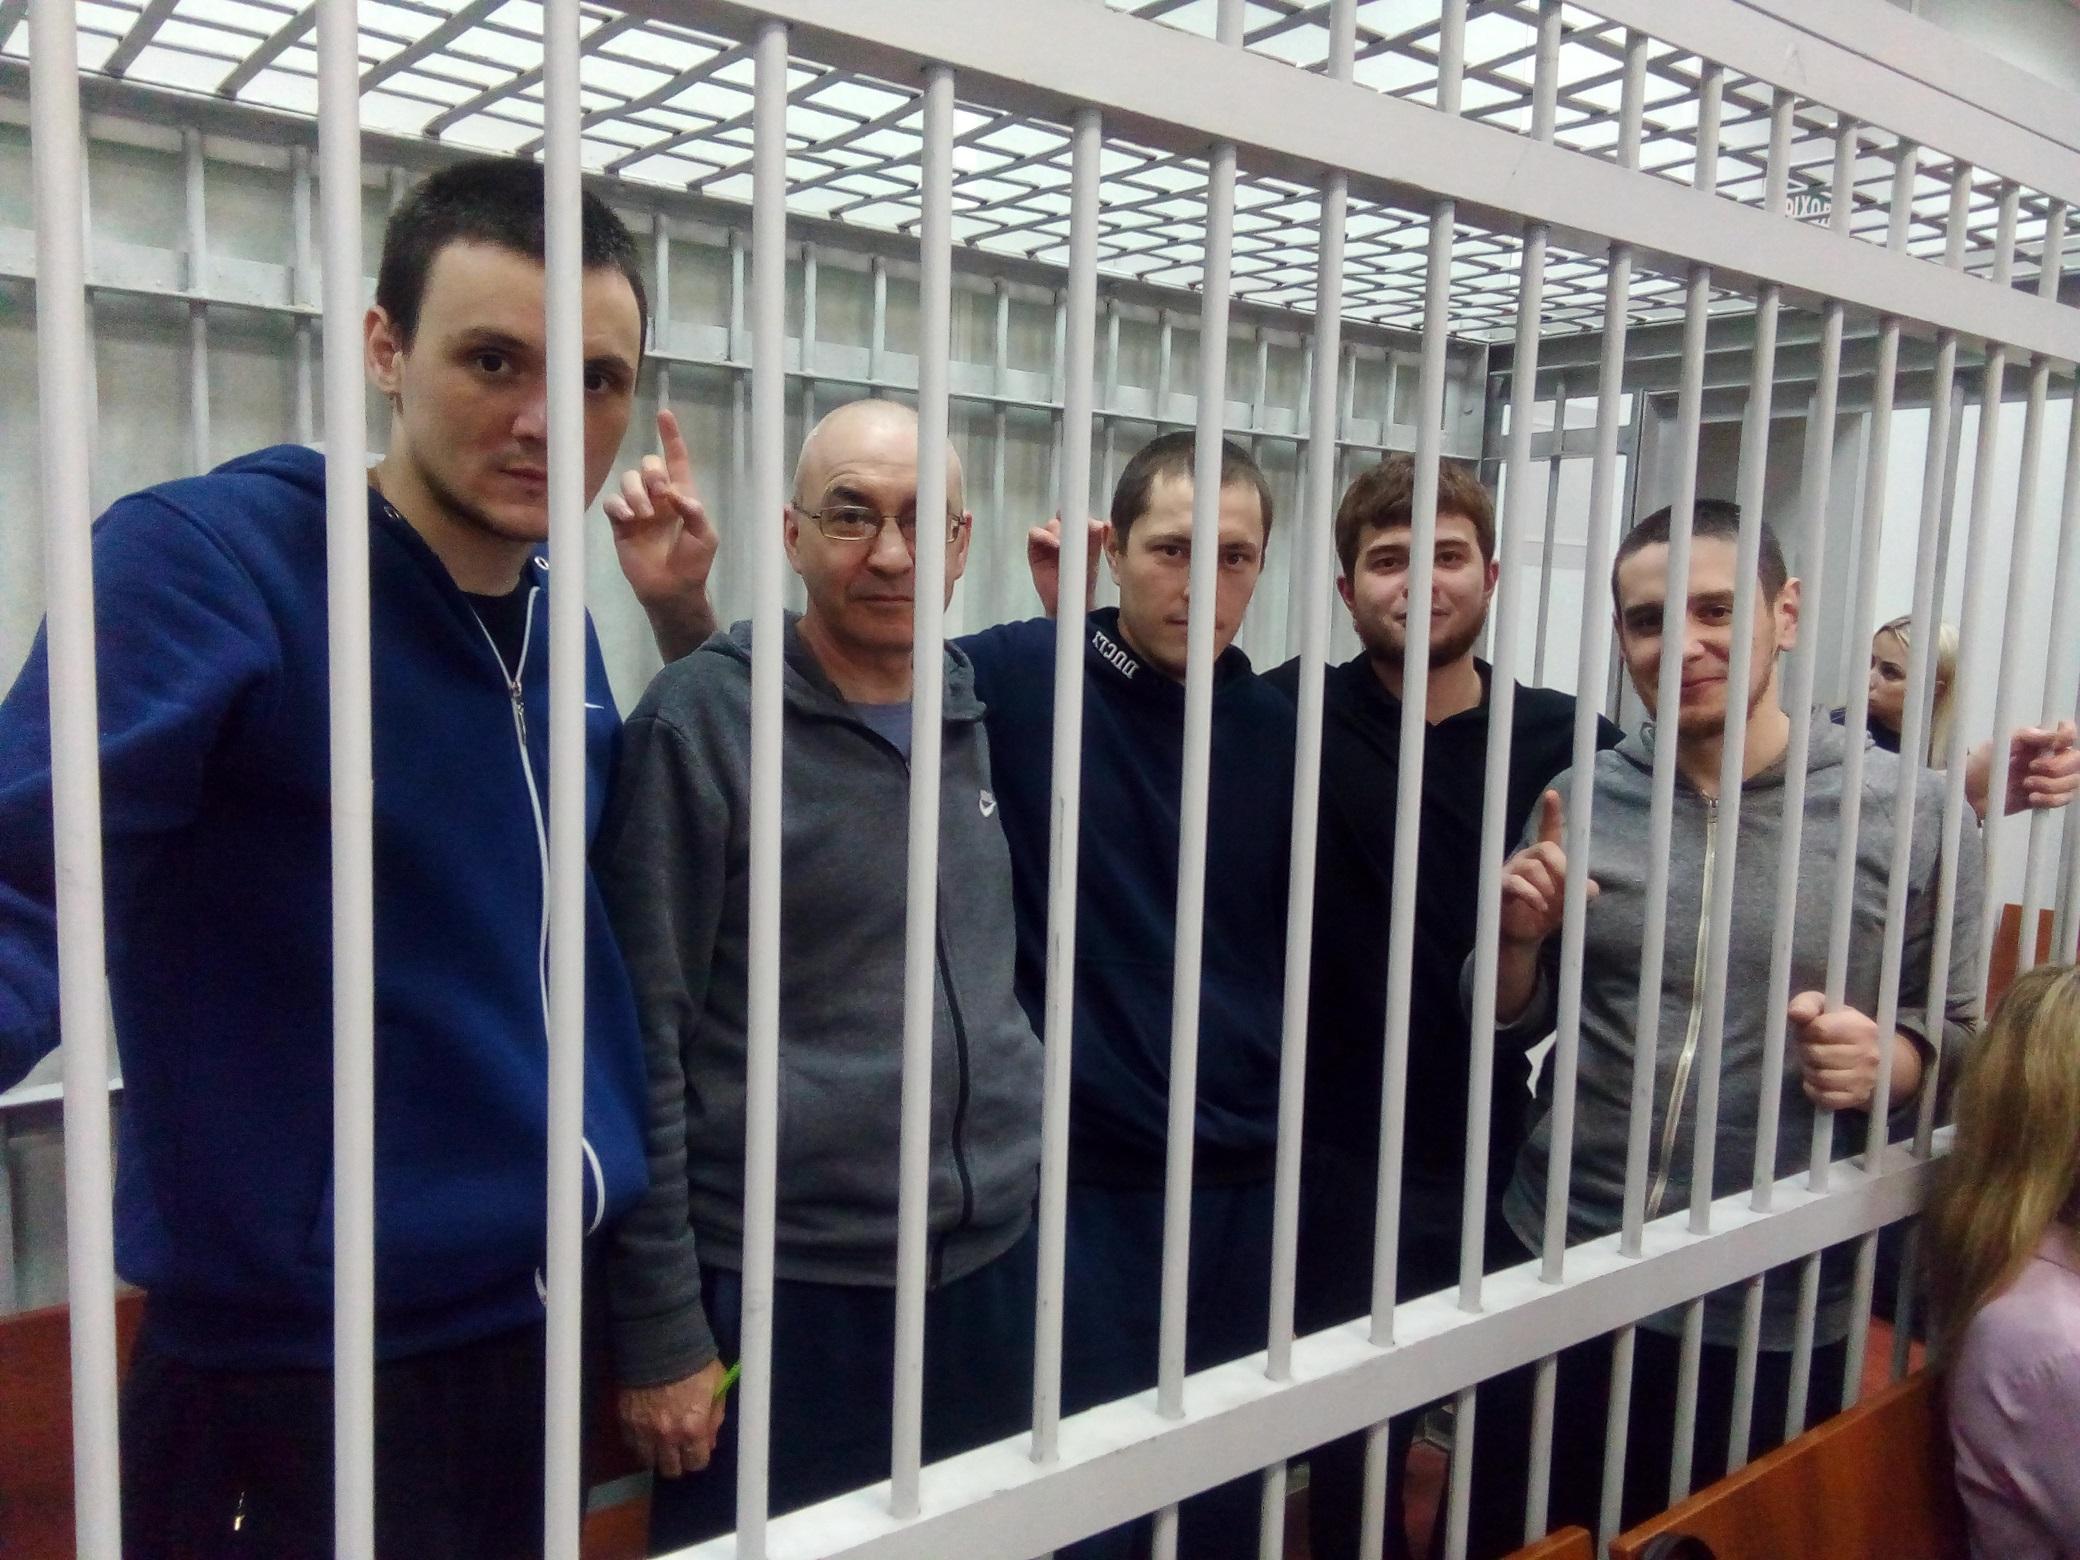 Альметьевское дело о членстве в запрещённой «Хизб ут-Тахрир»